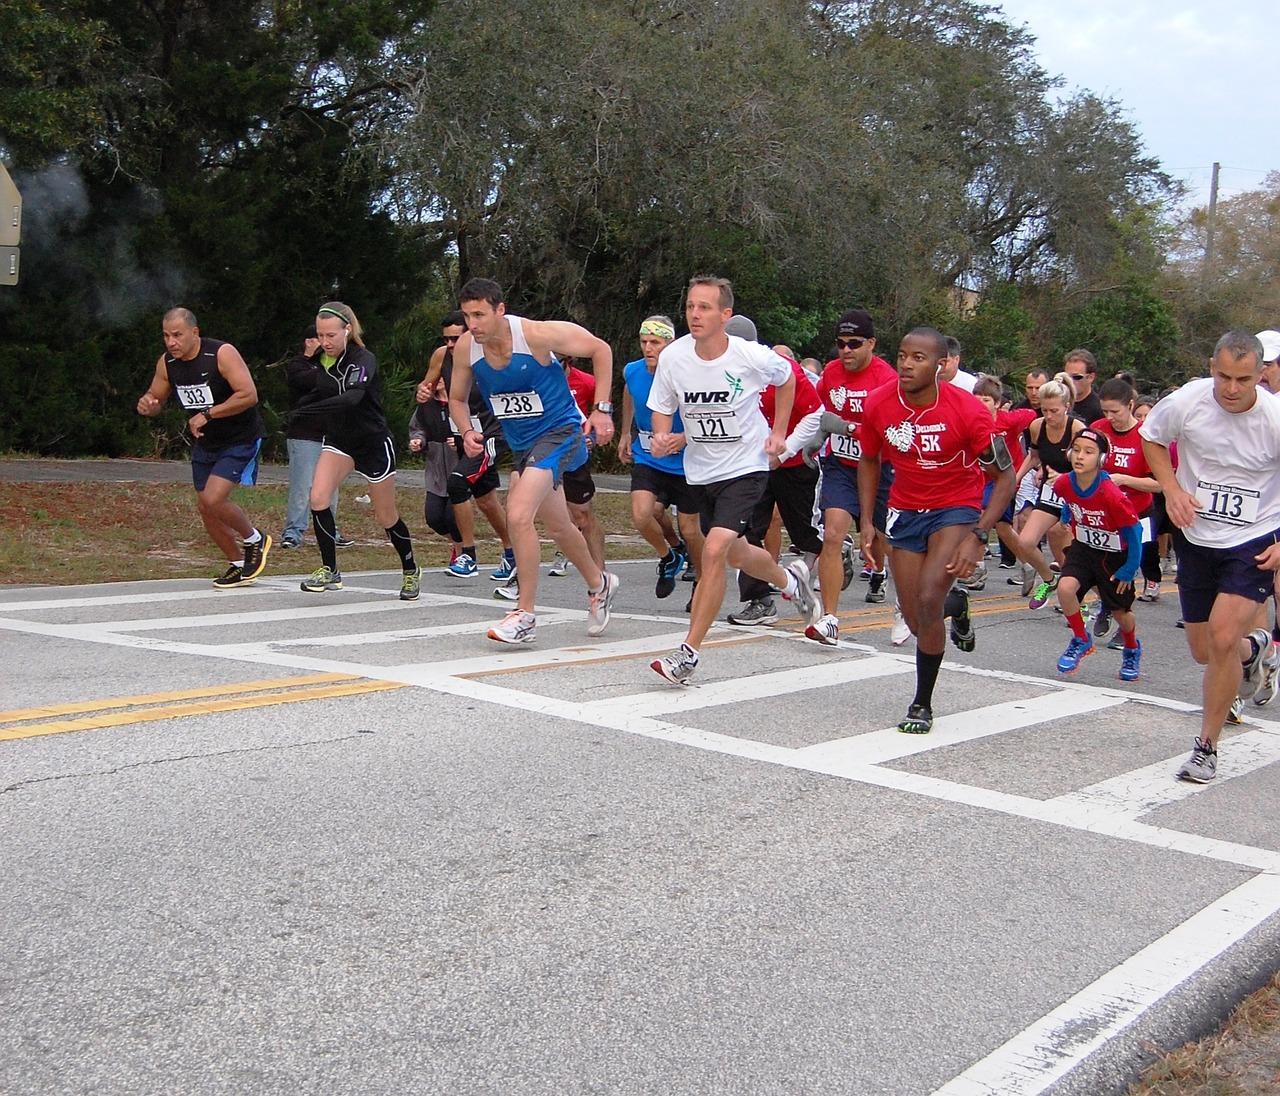 Deltona žije i sportem. Zúčastnit se můžete pravidelných běžeckých závodů pro zdraví.